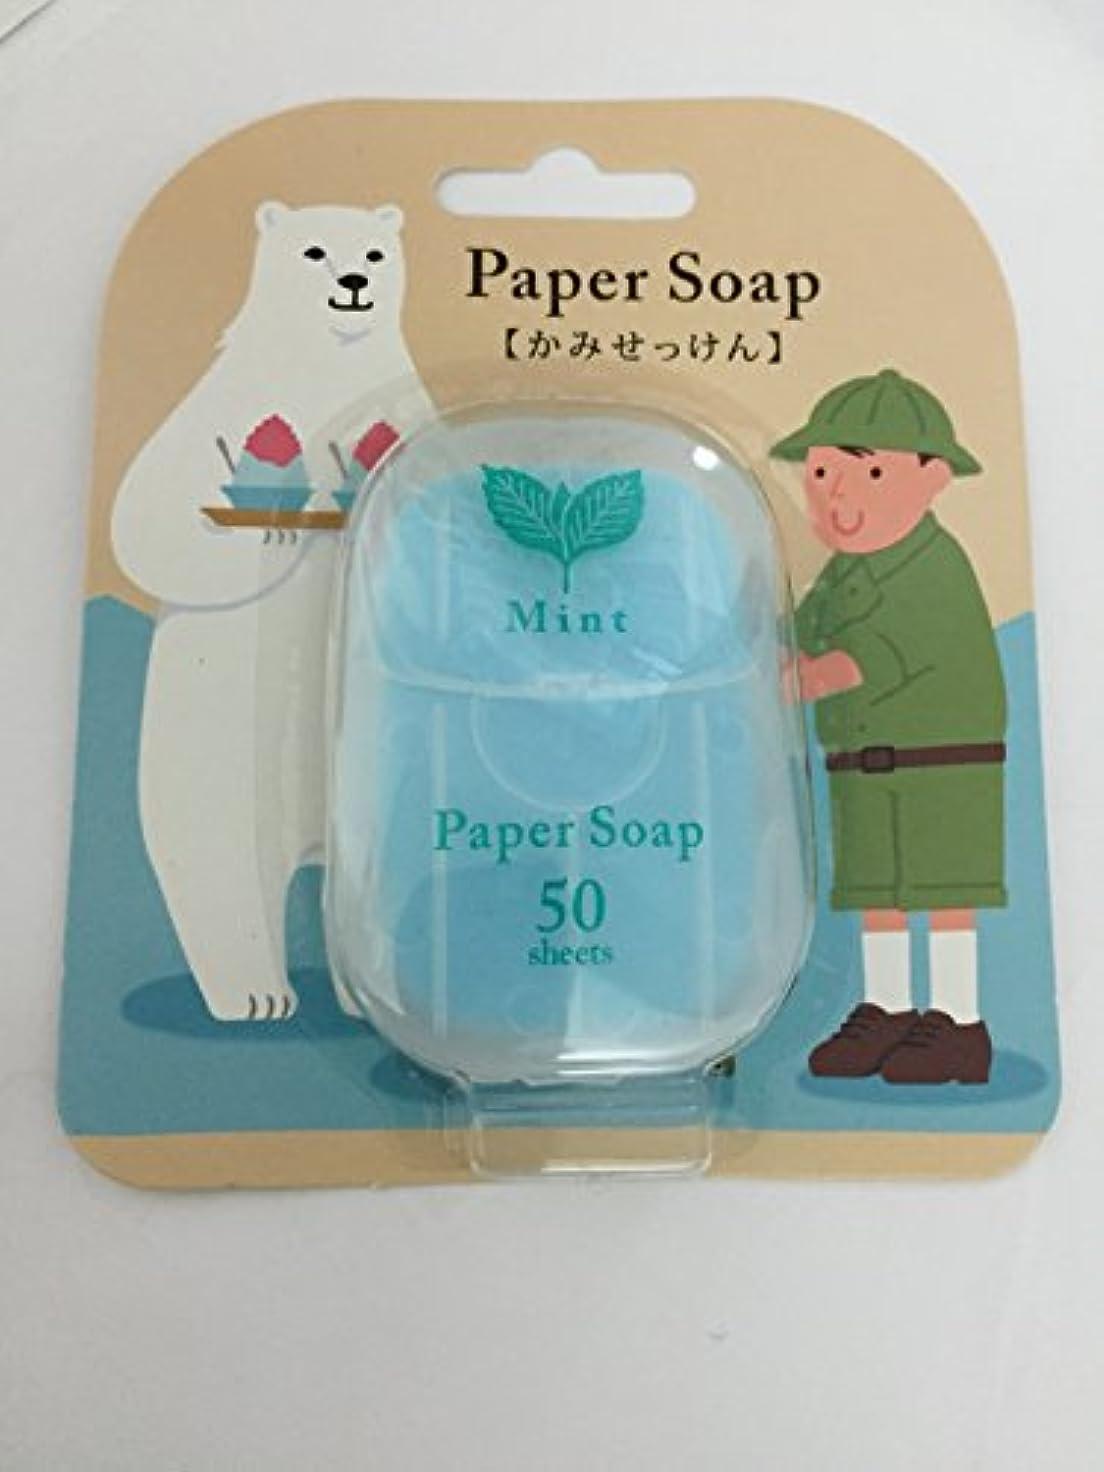 ポジション強調立証するペーパーソープ(かみせっけん) ミントの香り 新商品